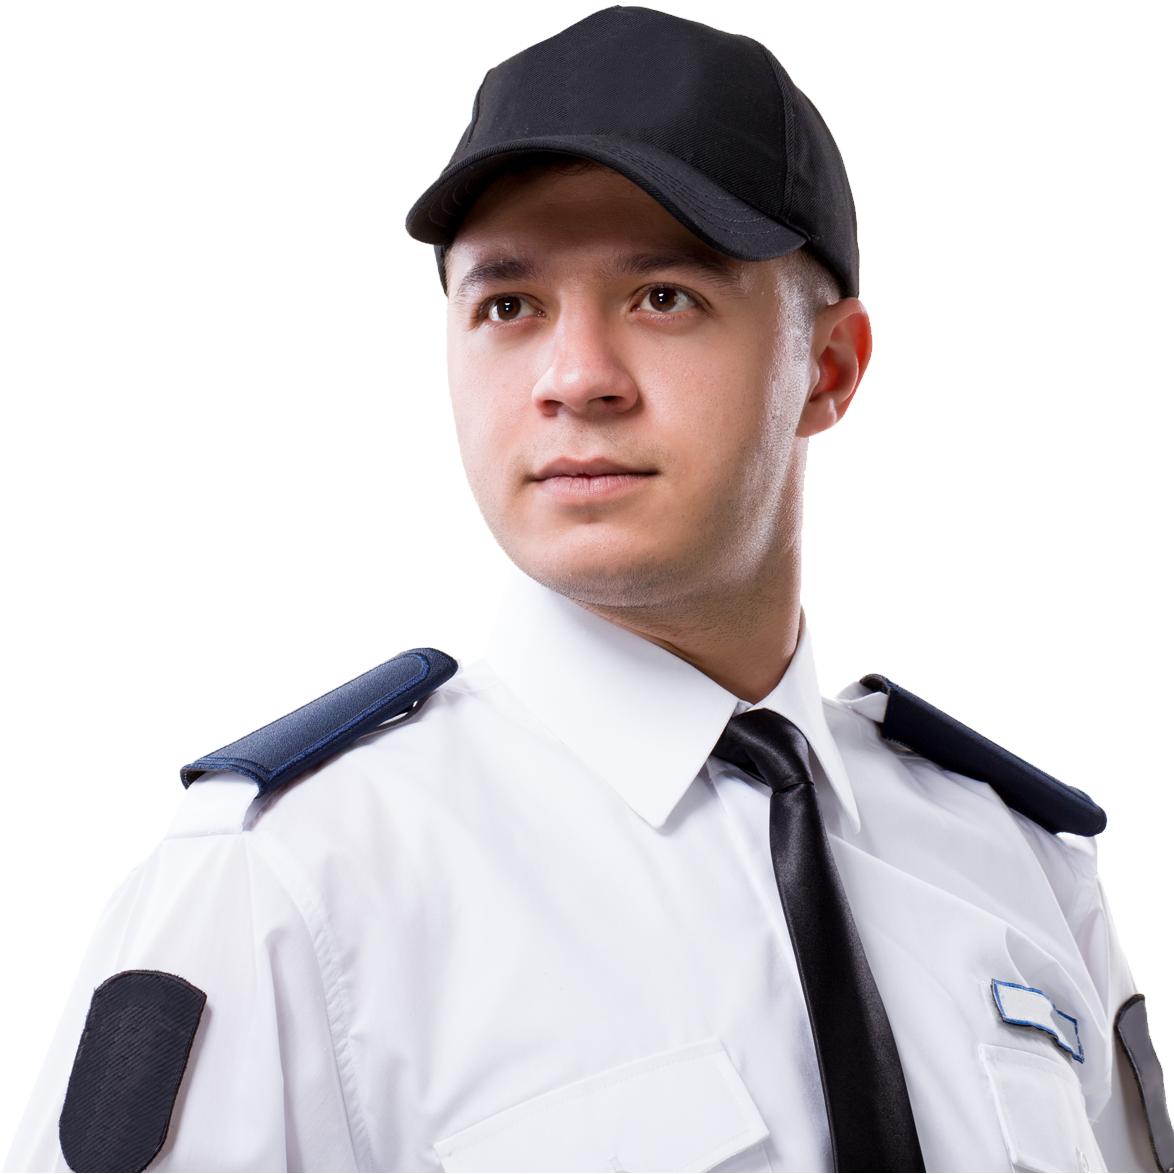 Servicio de custodia y vigilancia